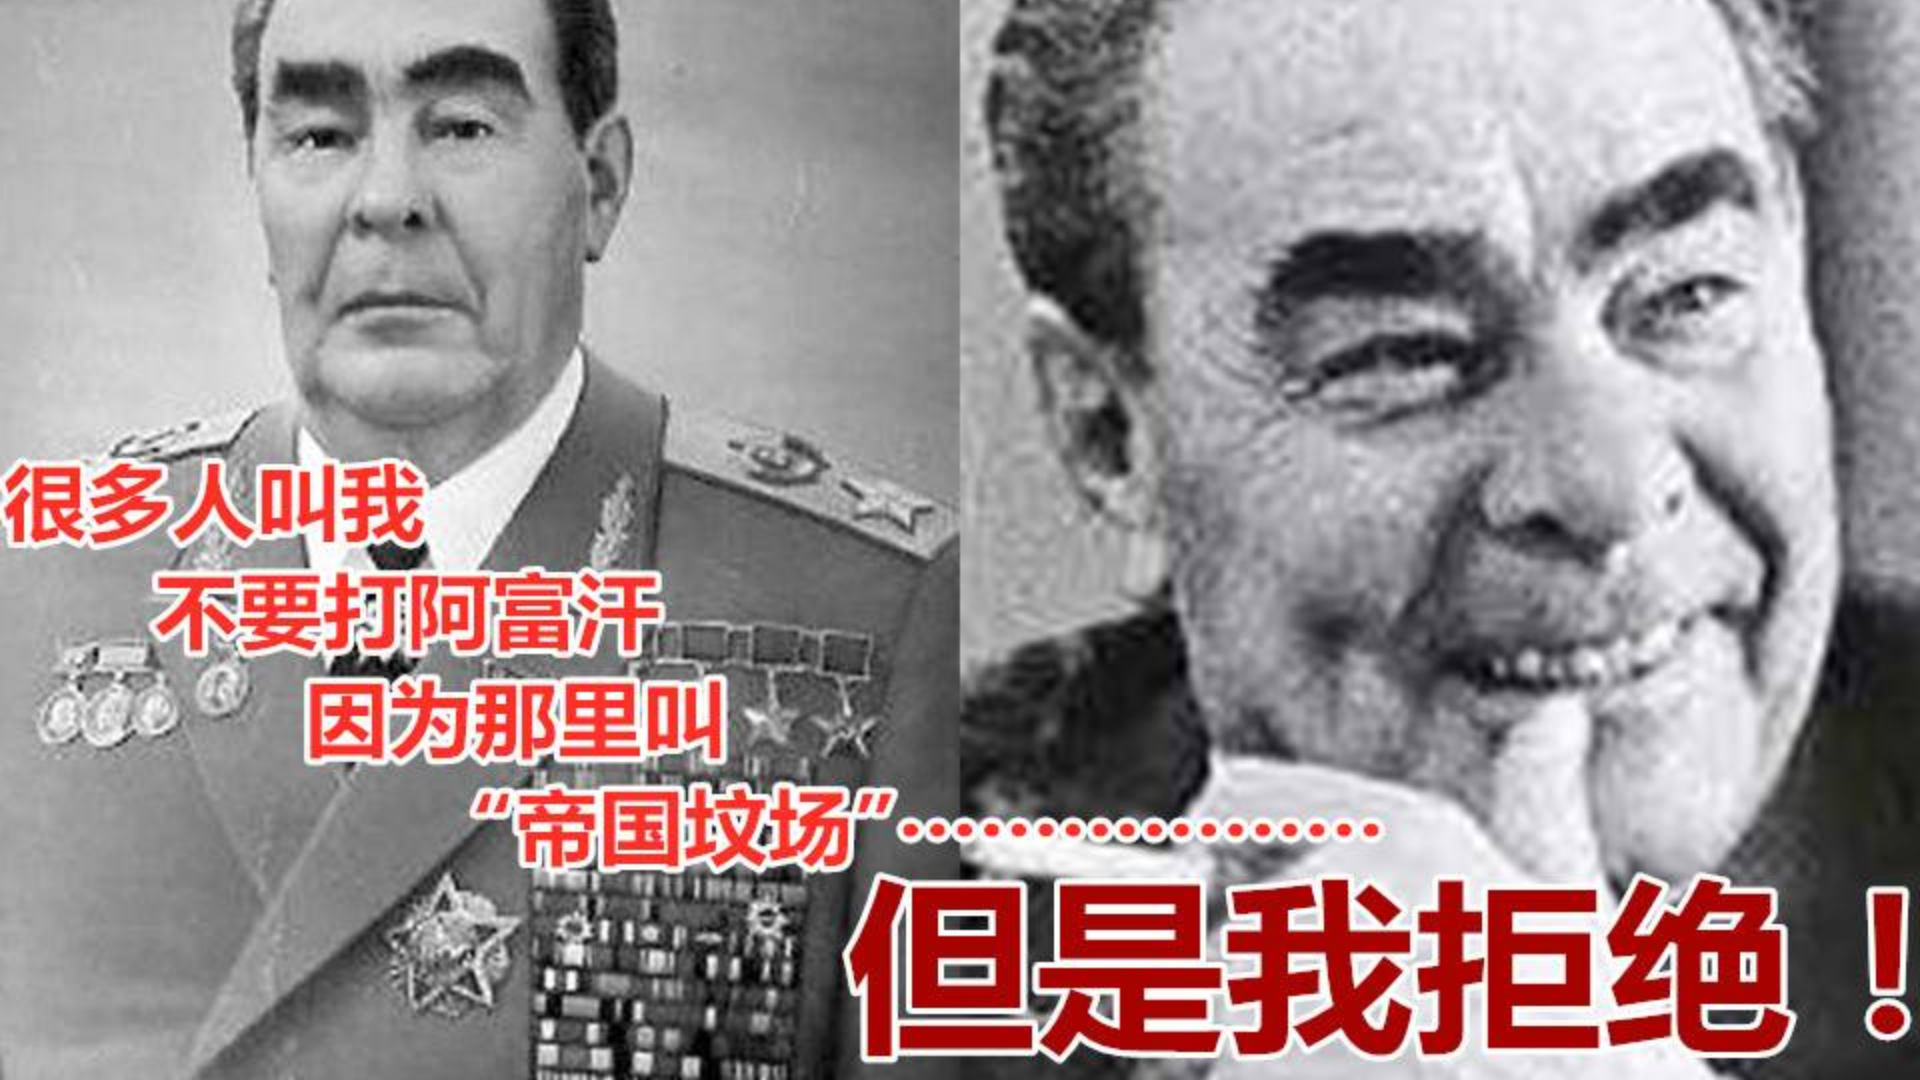 【星海社】红色帝国的最后一战:为何苏联败军阿富汗?